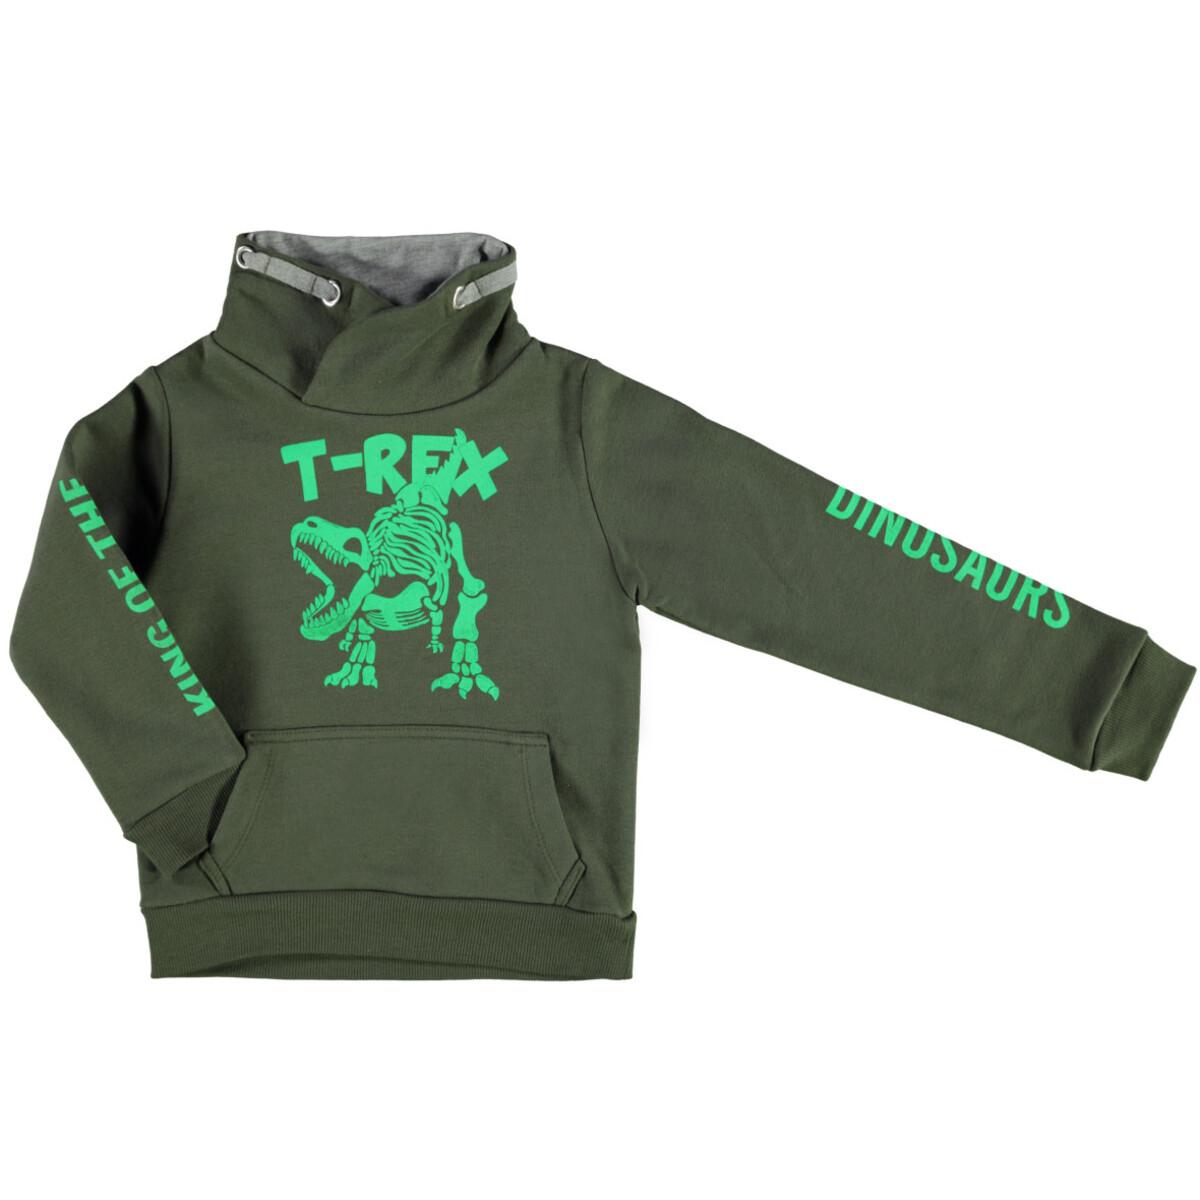 Bild 1 von Jungen Sweatshirt mit Dinofrontdruck